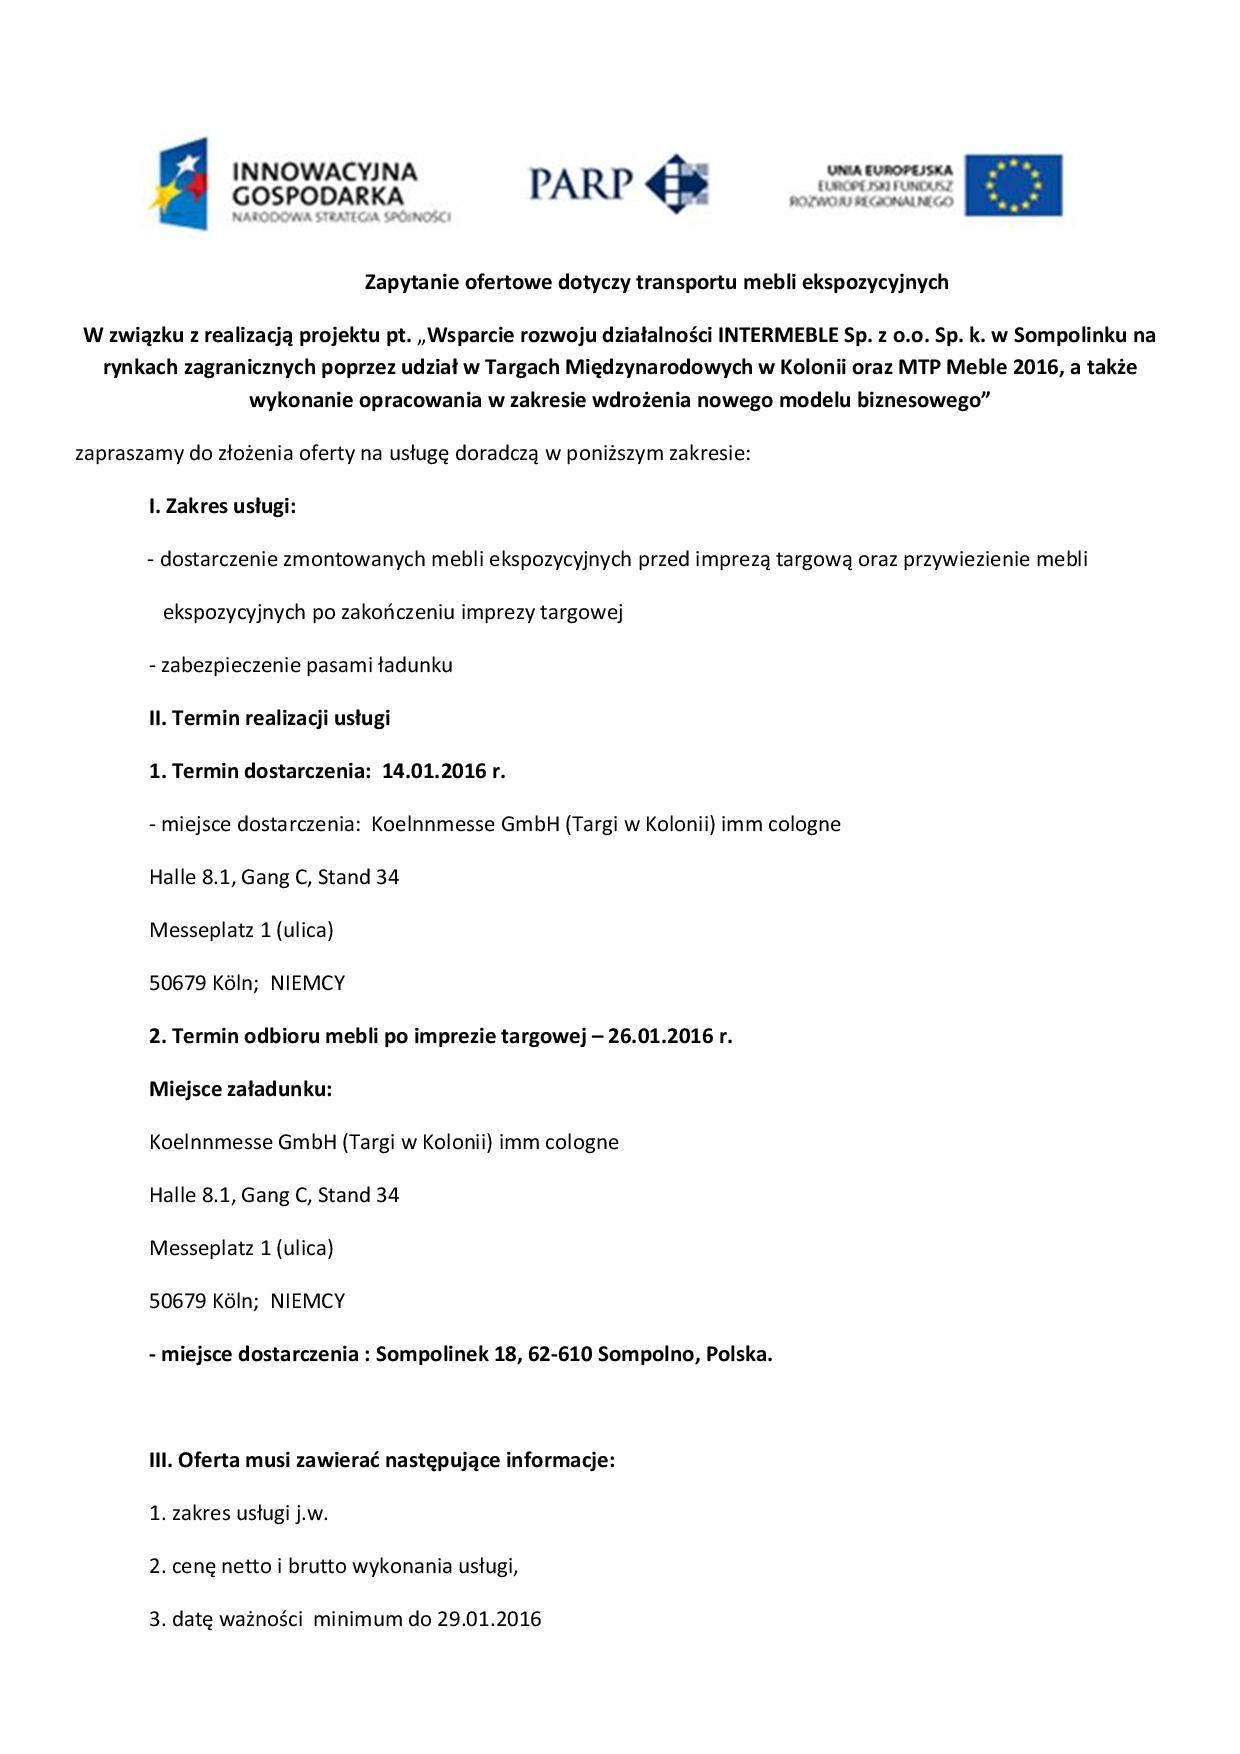 zapytanie ofertowe transport Kolonia 2016 meble ekspozycyjne-page-001